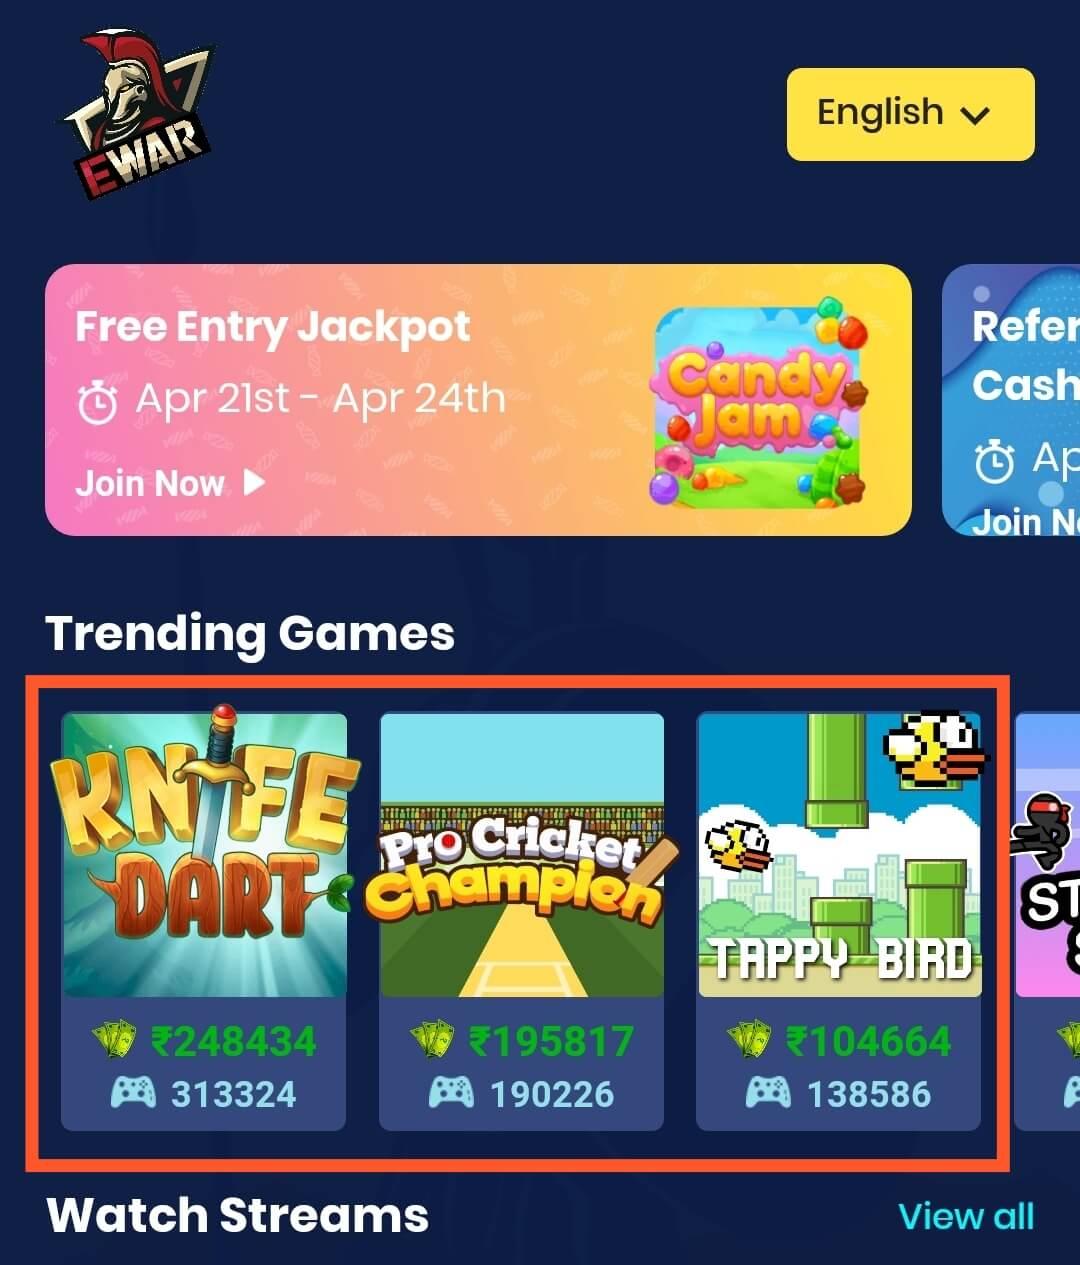 Trending Games